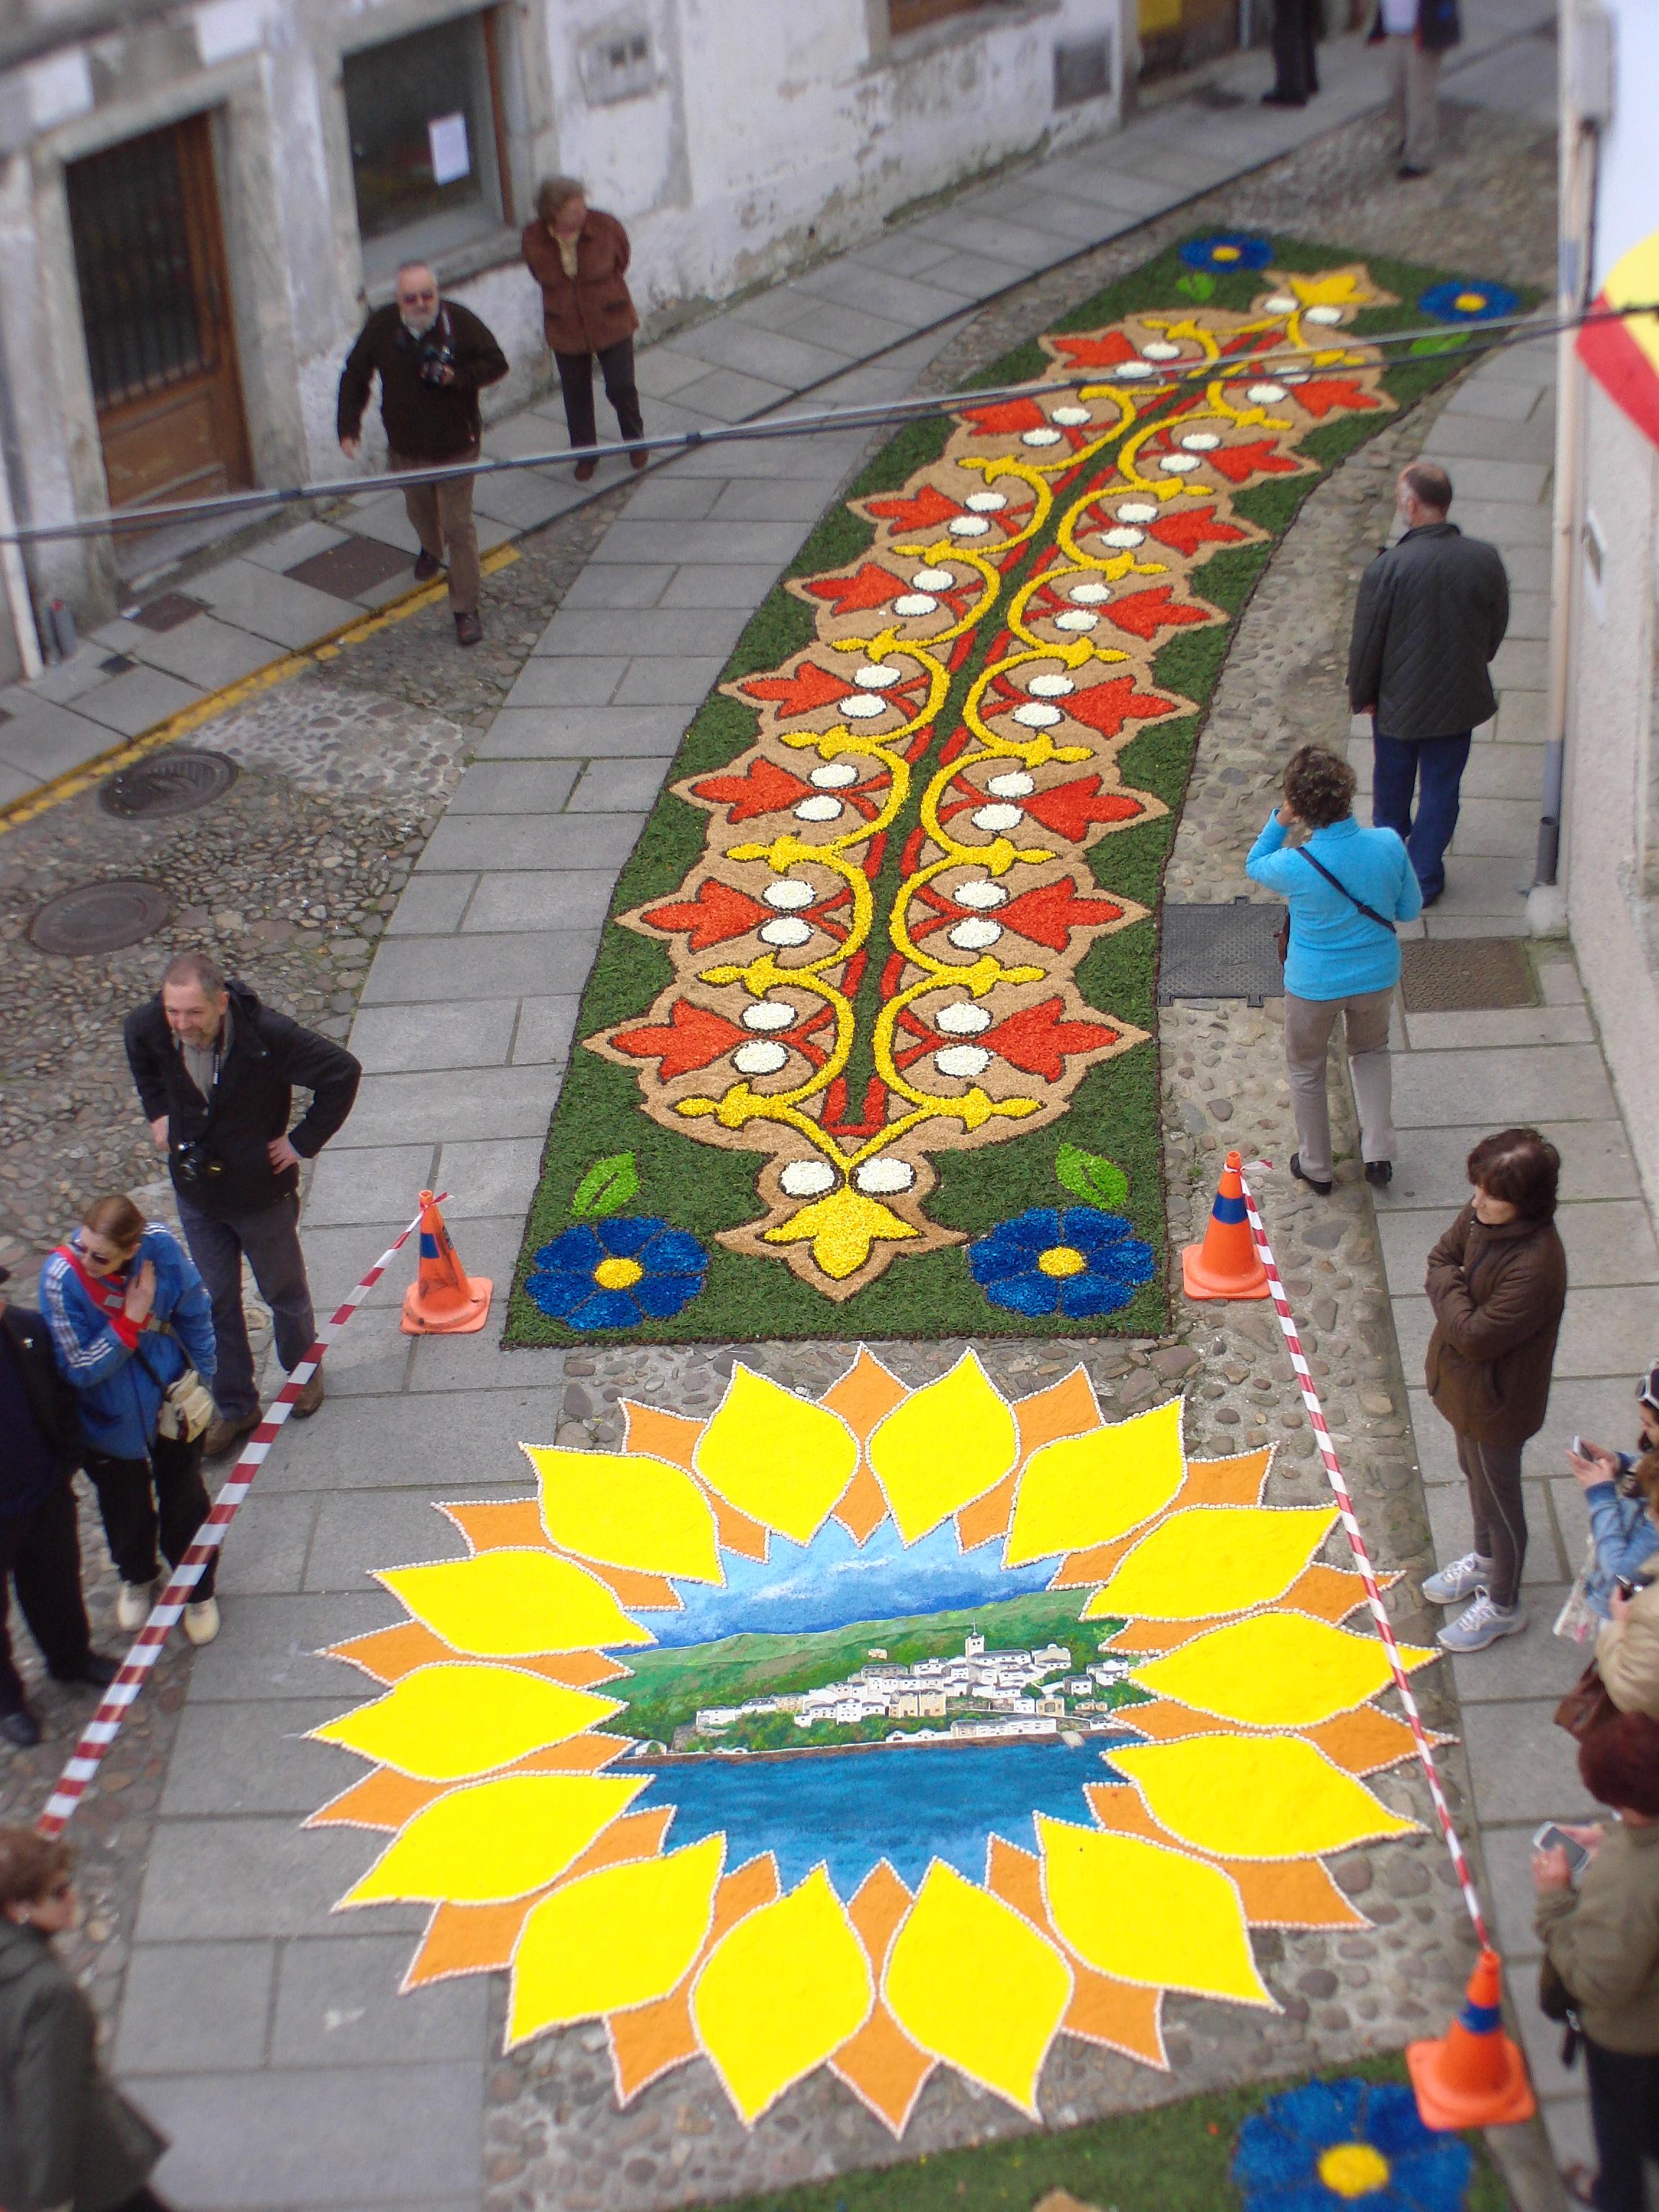 Filealfombras Florales Del Corpus Christi En Castropoljpg